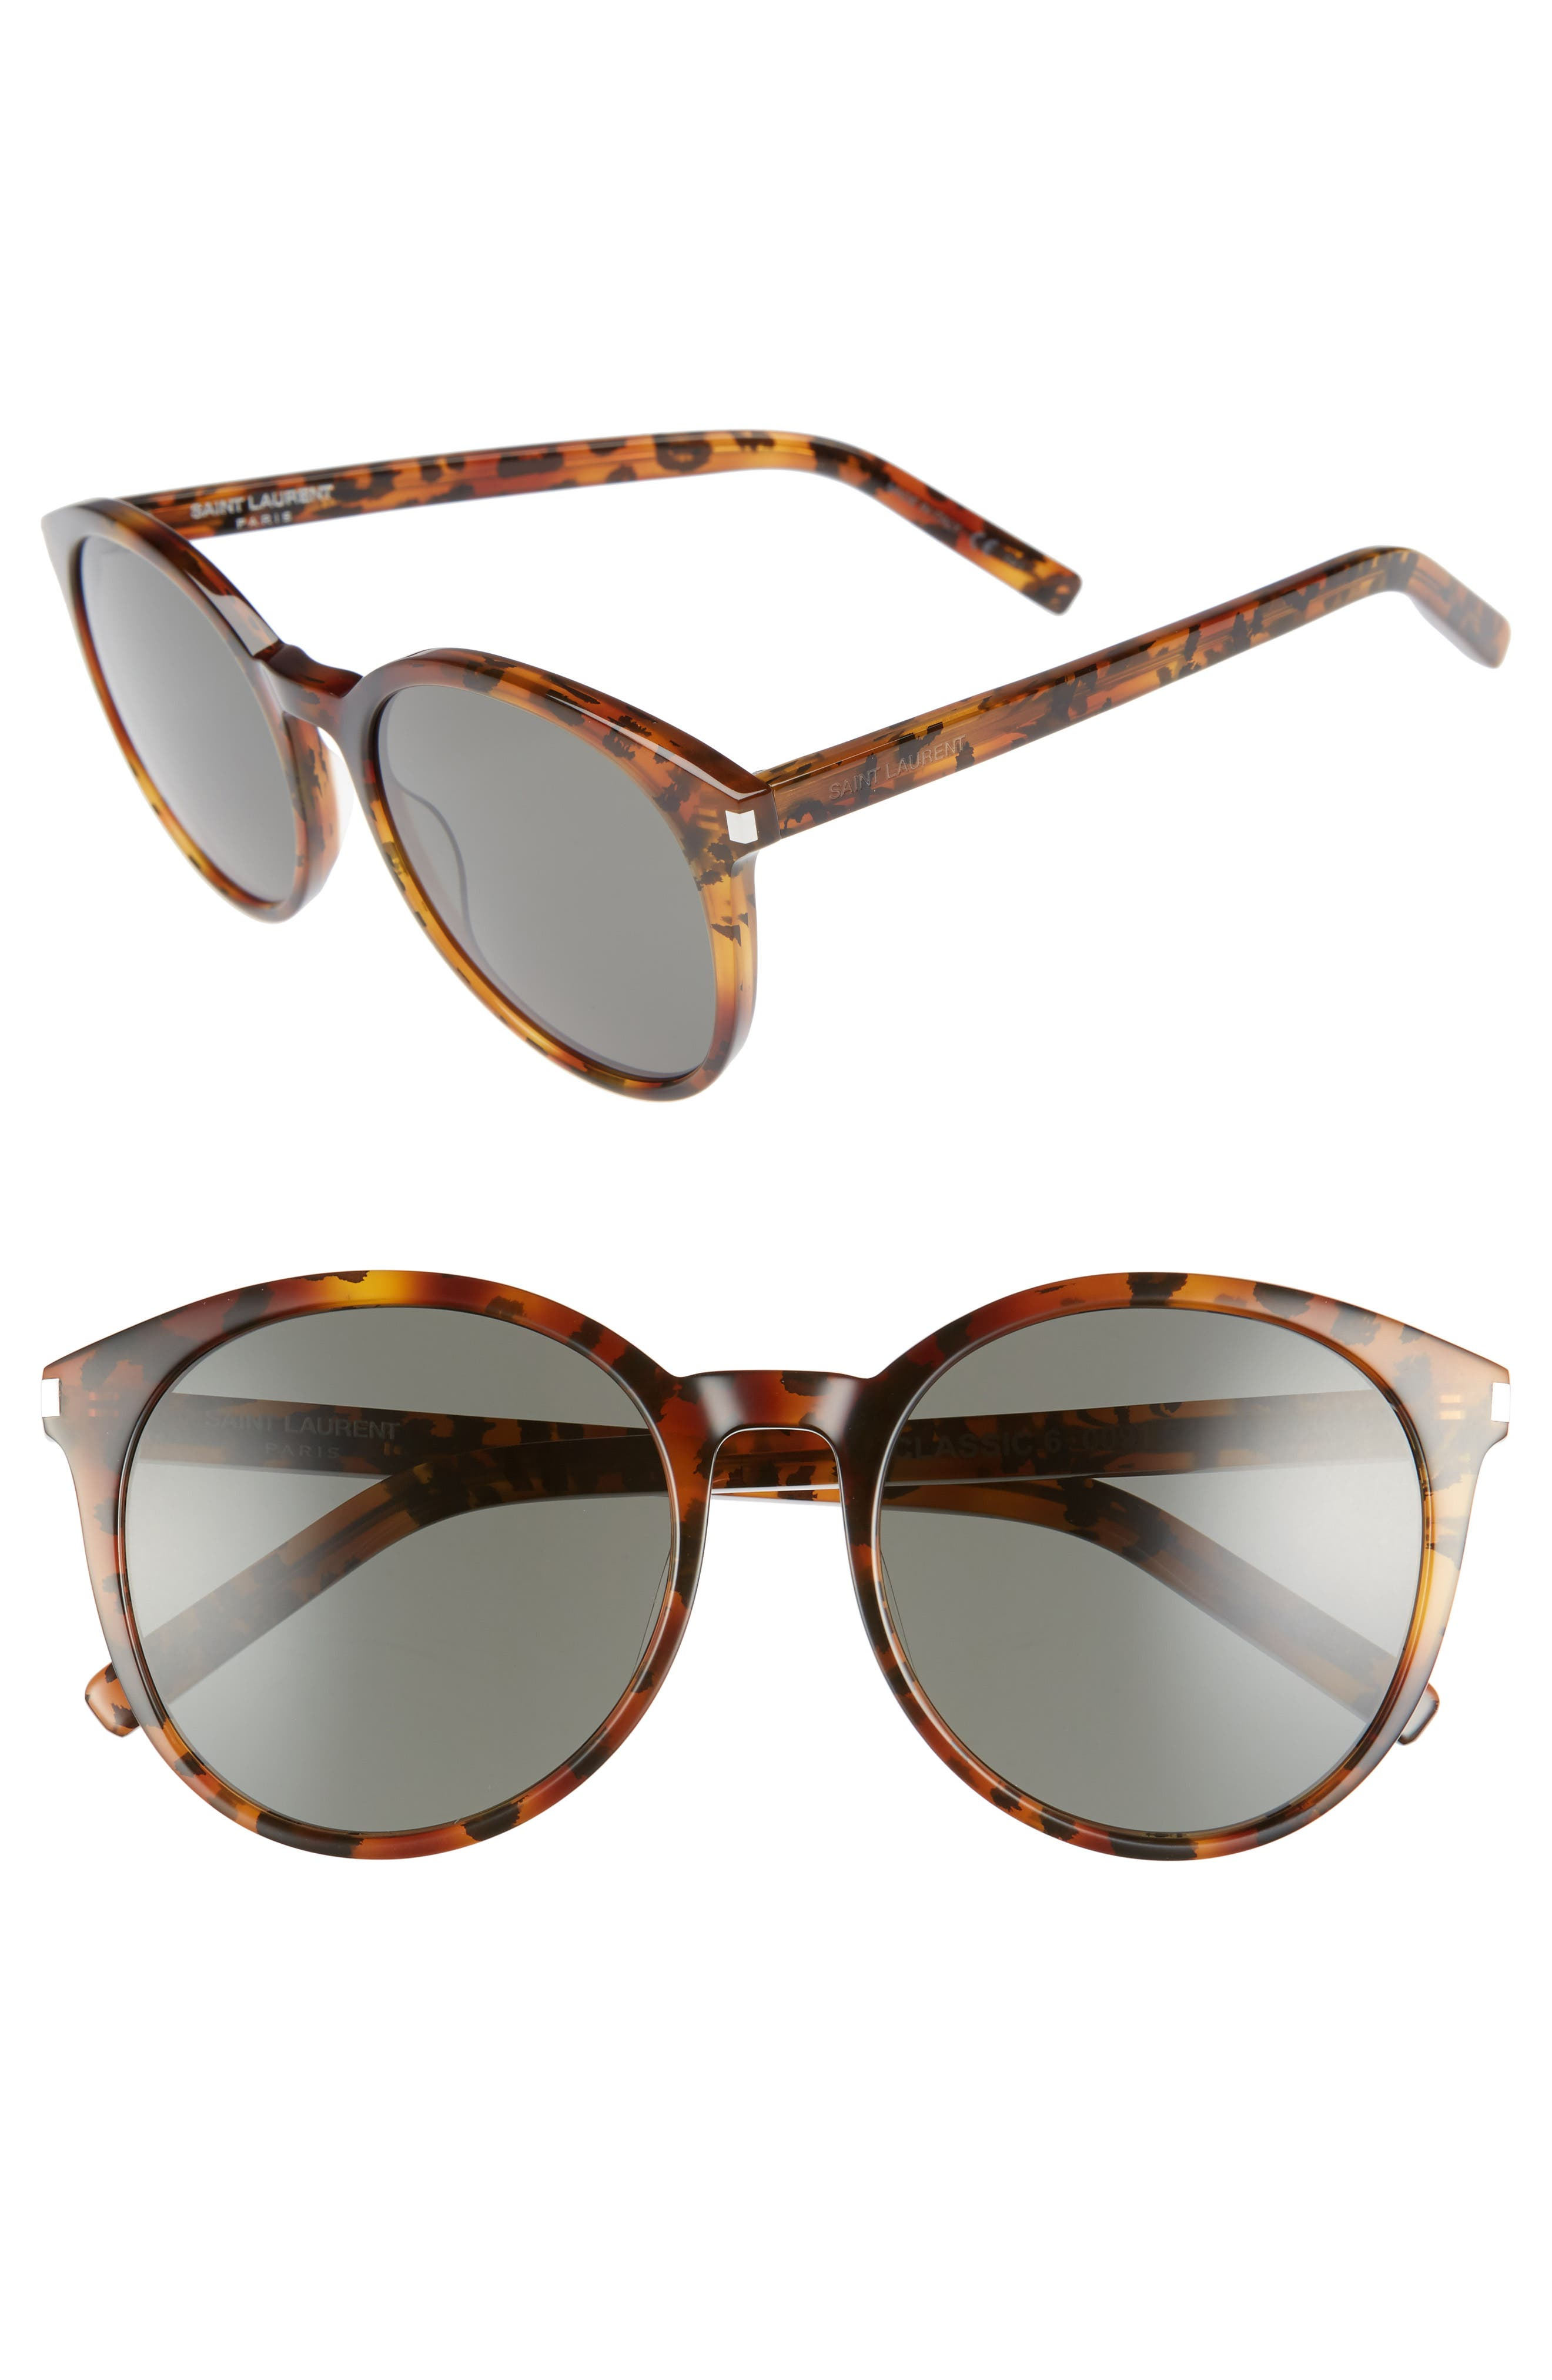 SAINT LAURENT Classic 54mm Sunglasses